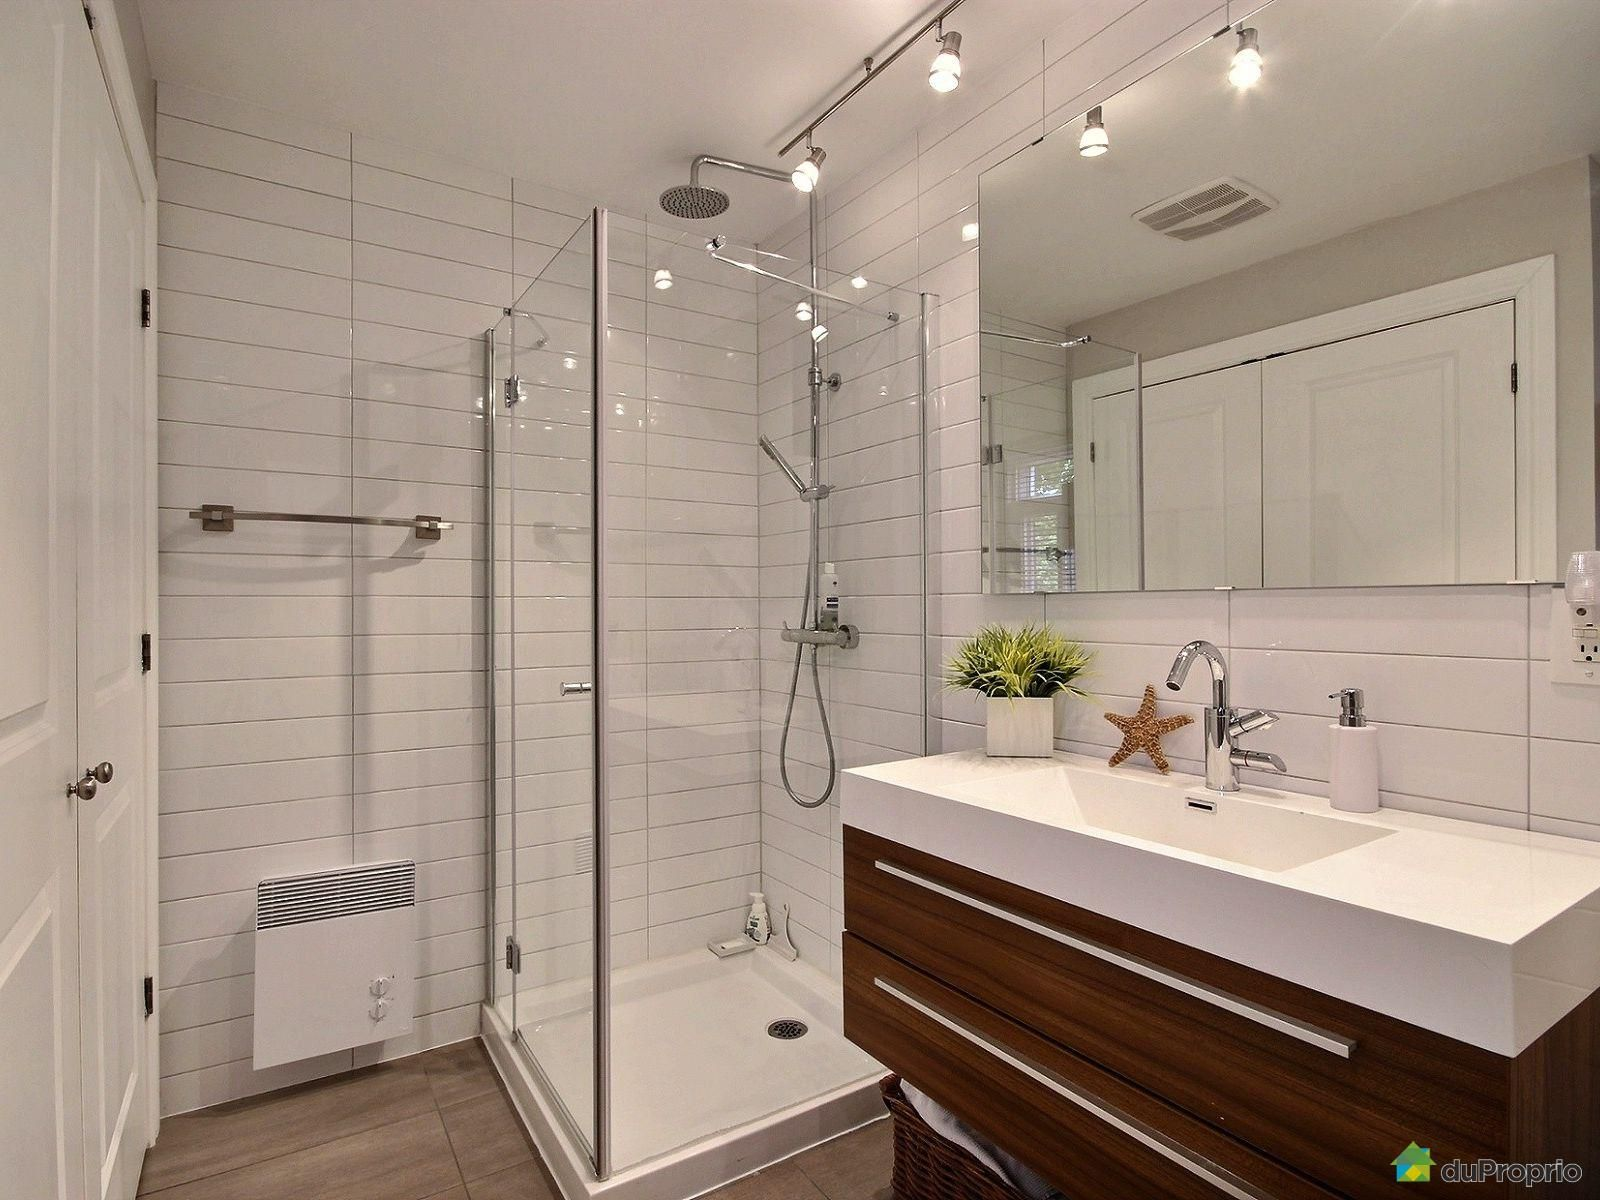 Salle de bain parfaite ! Très belle salle de bain moderne pour la ...